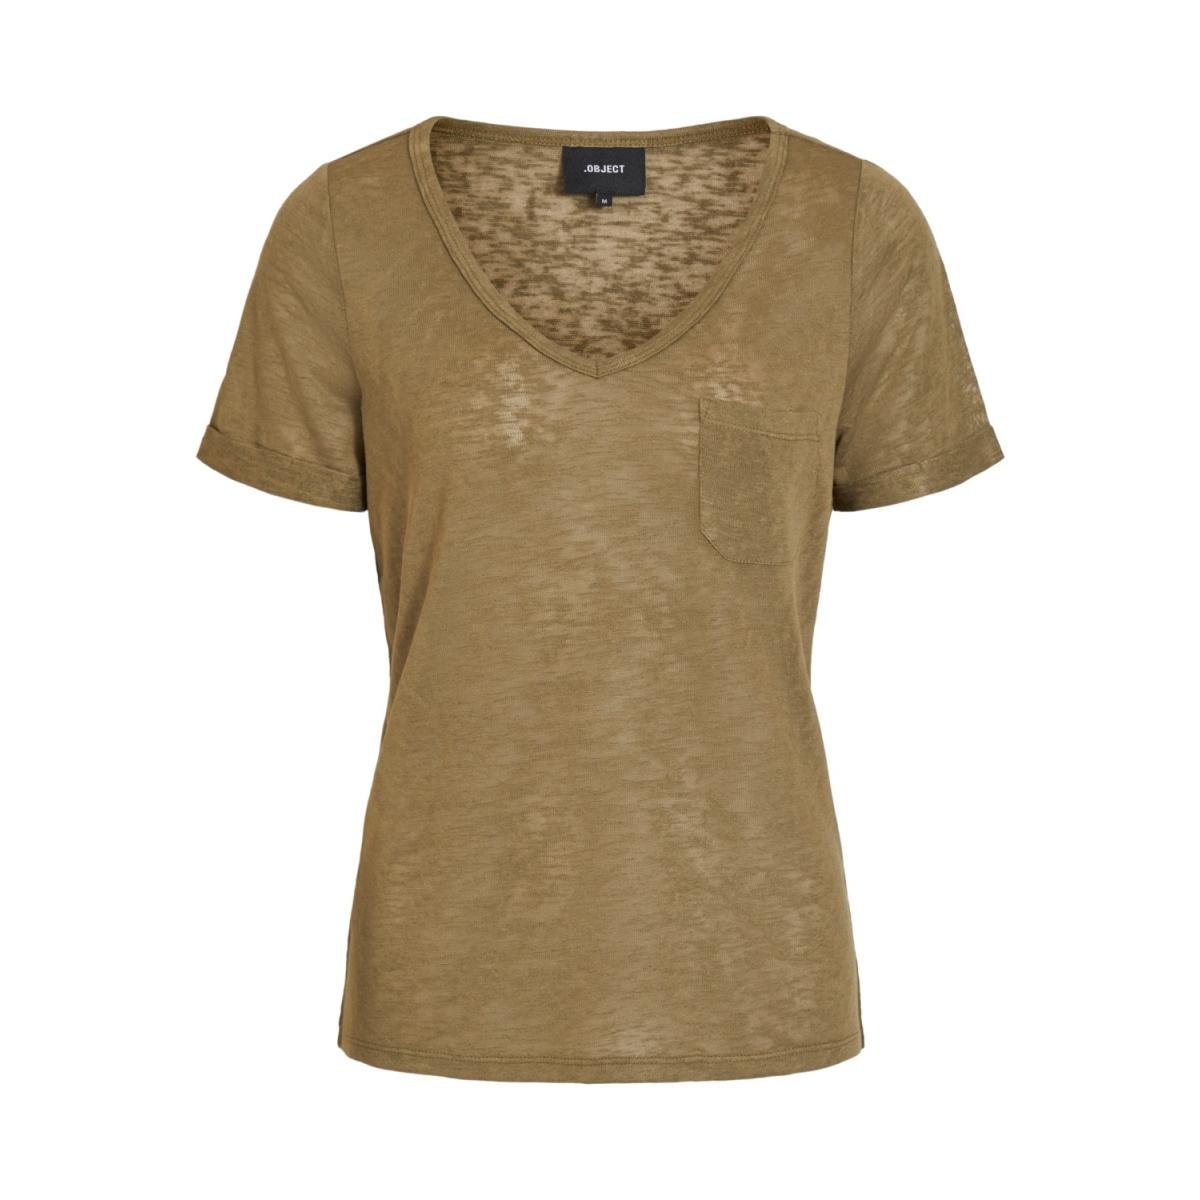 objtessi slub s/s v-neck noos 23023816 object t-shirt burnt olive